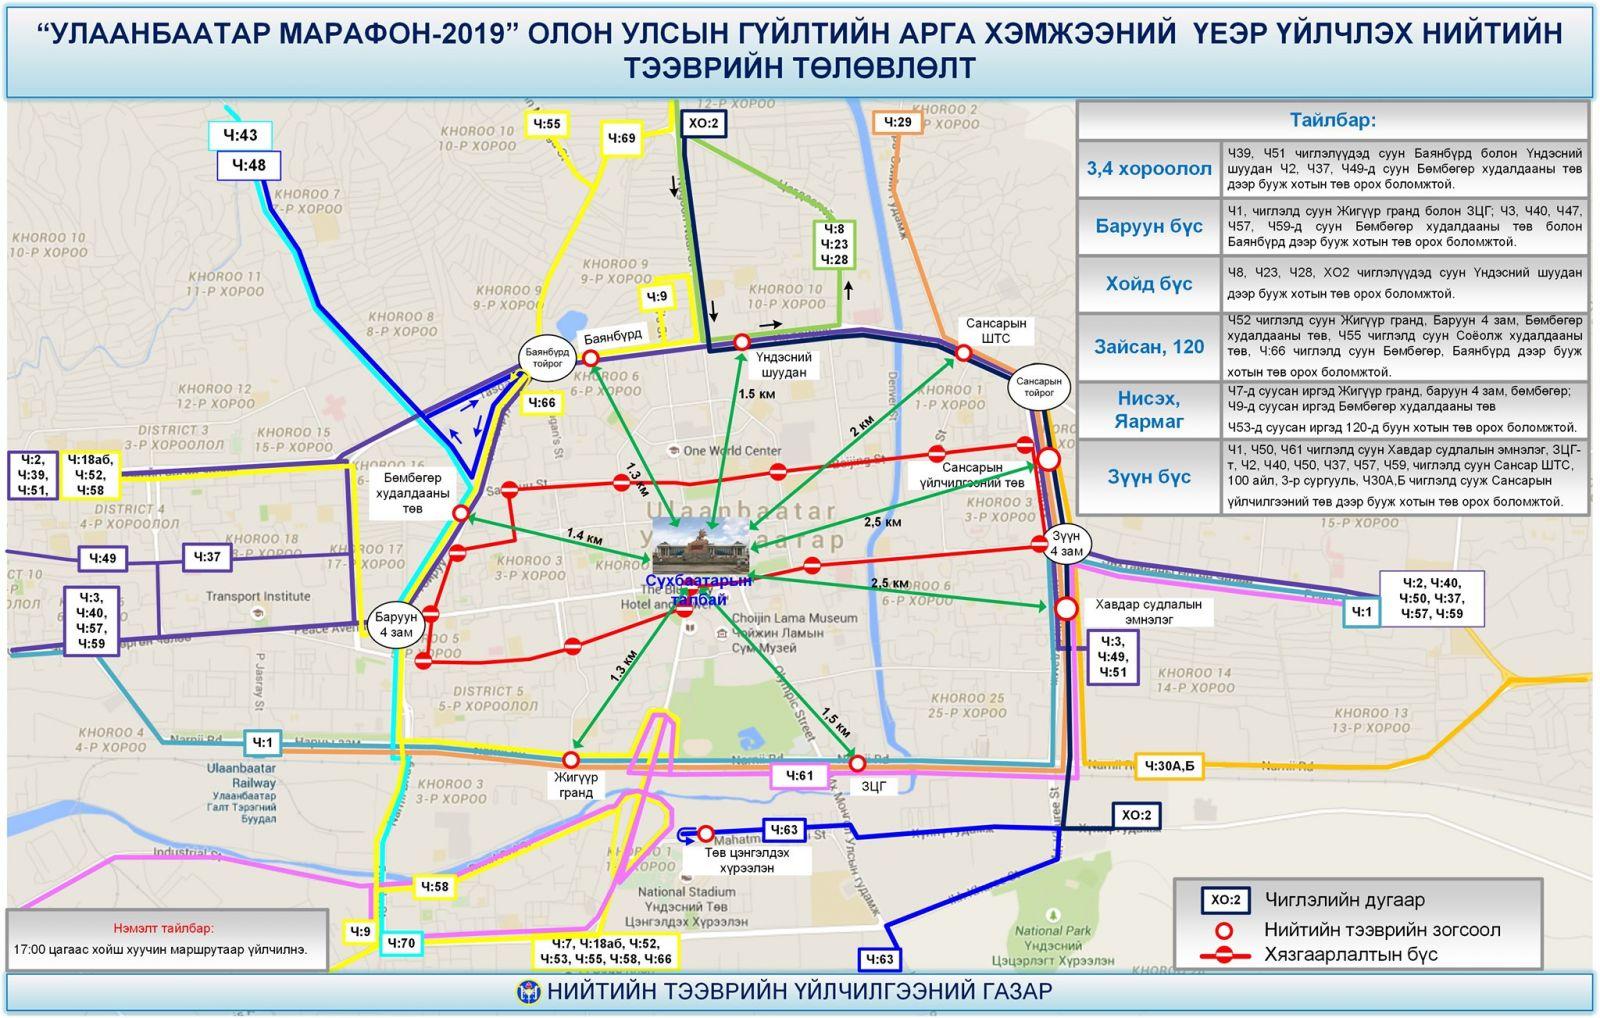 """gvilt06 """"Улаанбаатар марафон-2019"""" олон улсын гүйлтийн тэмцээн энэ сарын 18-нд болно"""